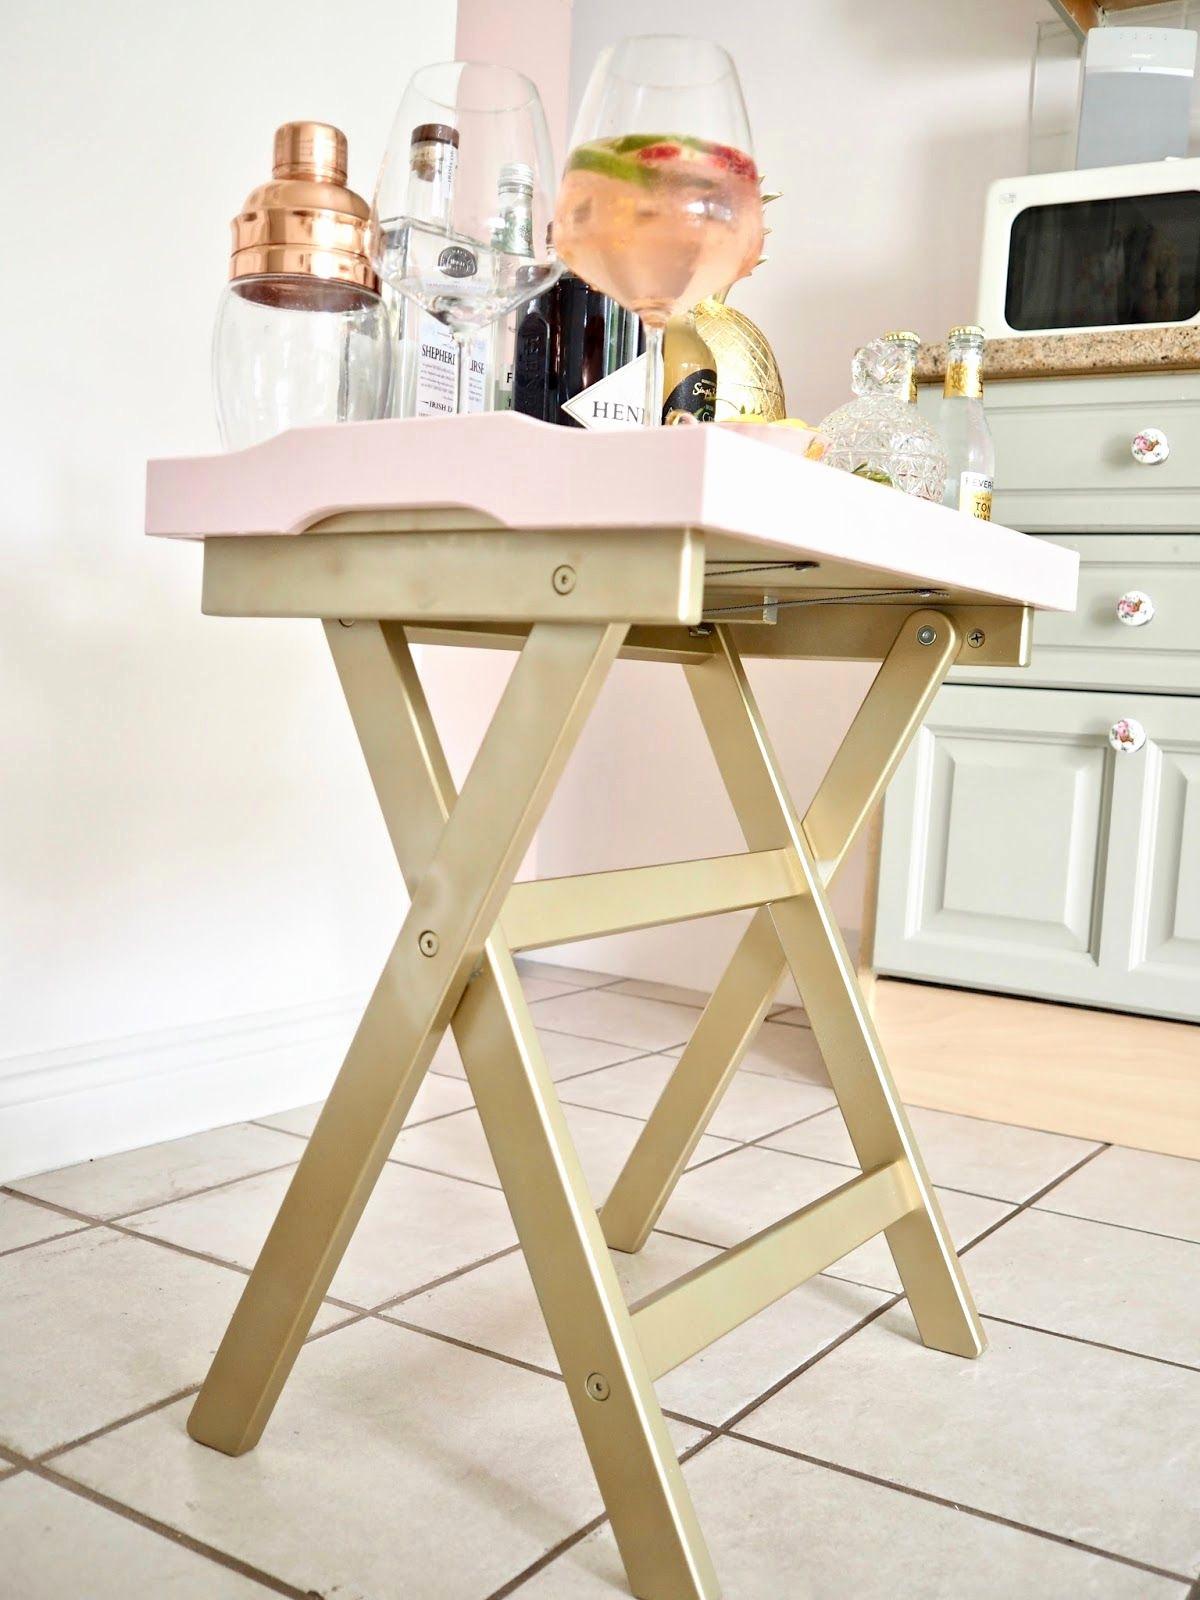 Table Salon Conforama Inspirant Images Delbard Salon De Jardin De Luxueux Chaise A Conforama Luxe Chaises